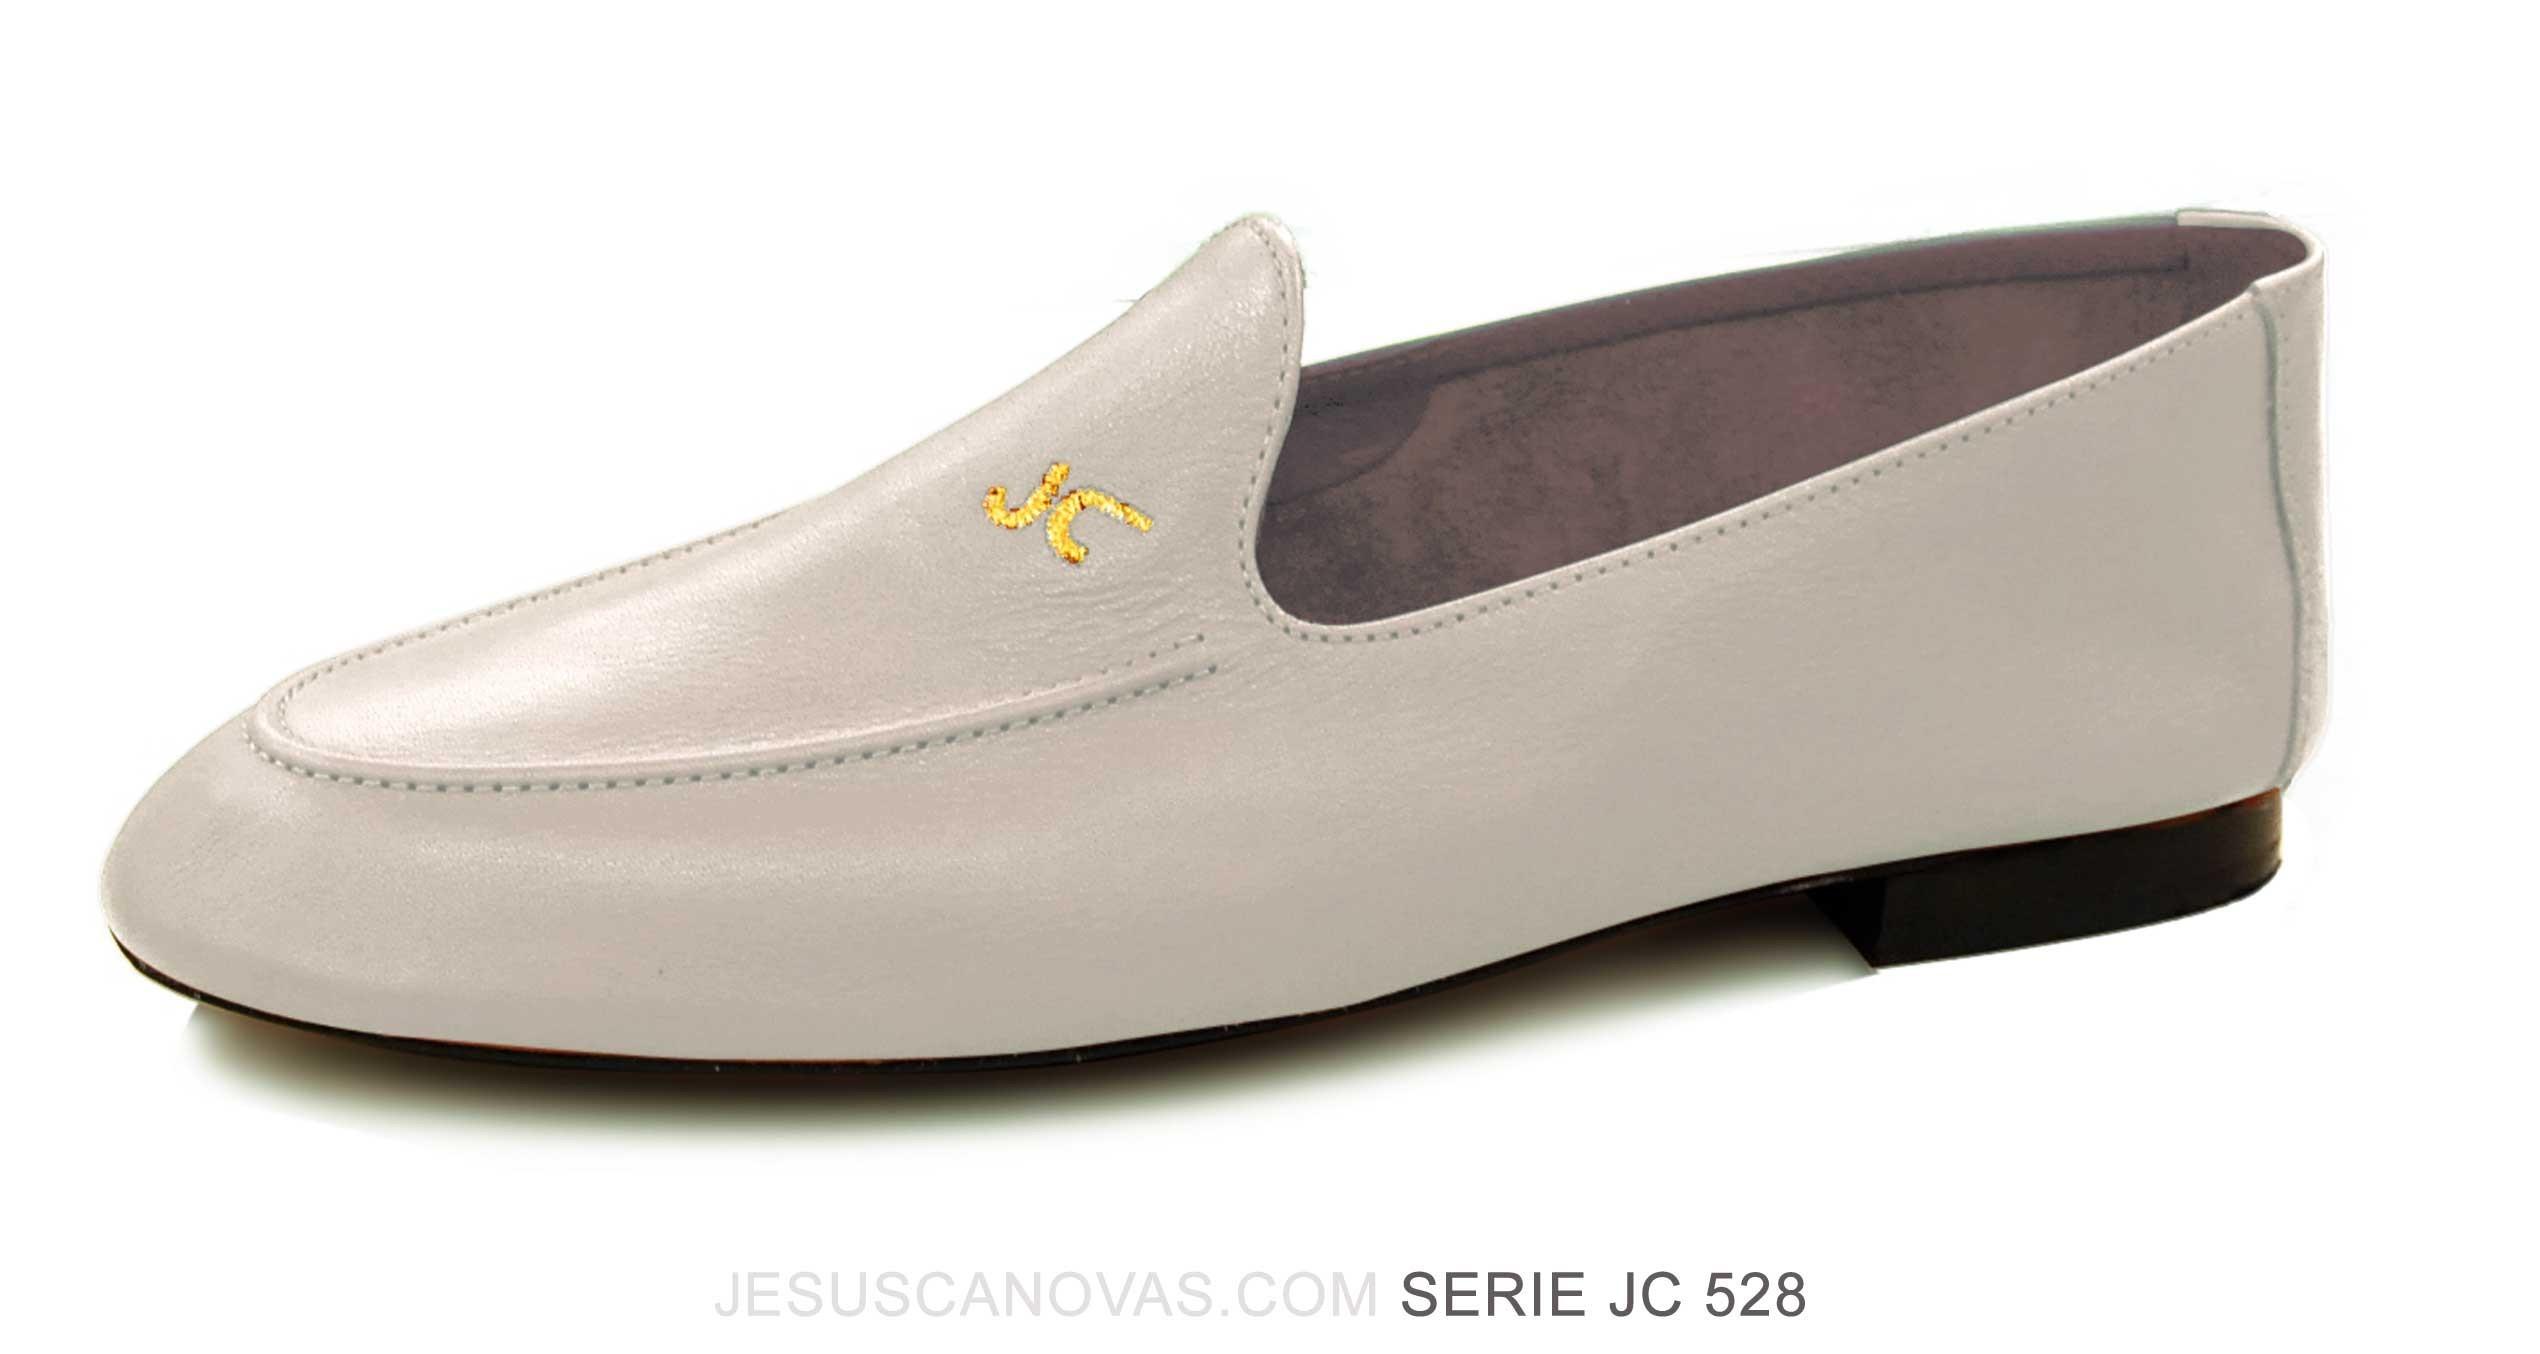 Foto 5 de Zapatos Julio Iglesias Mocasin 528 JC Tangon Napa